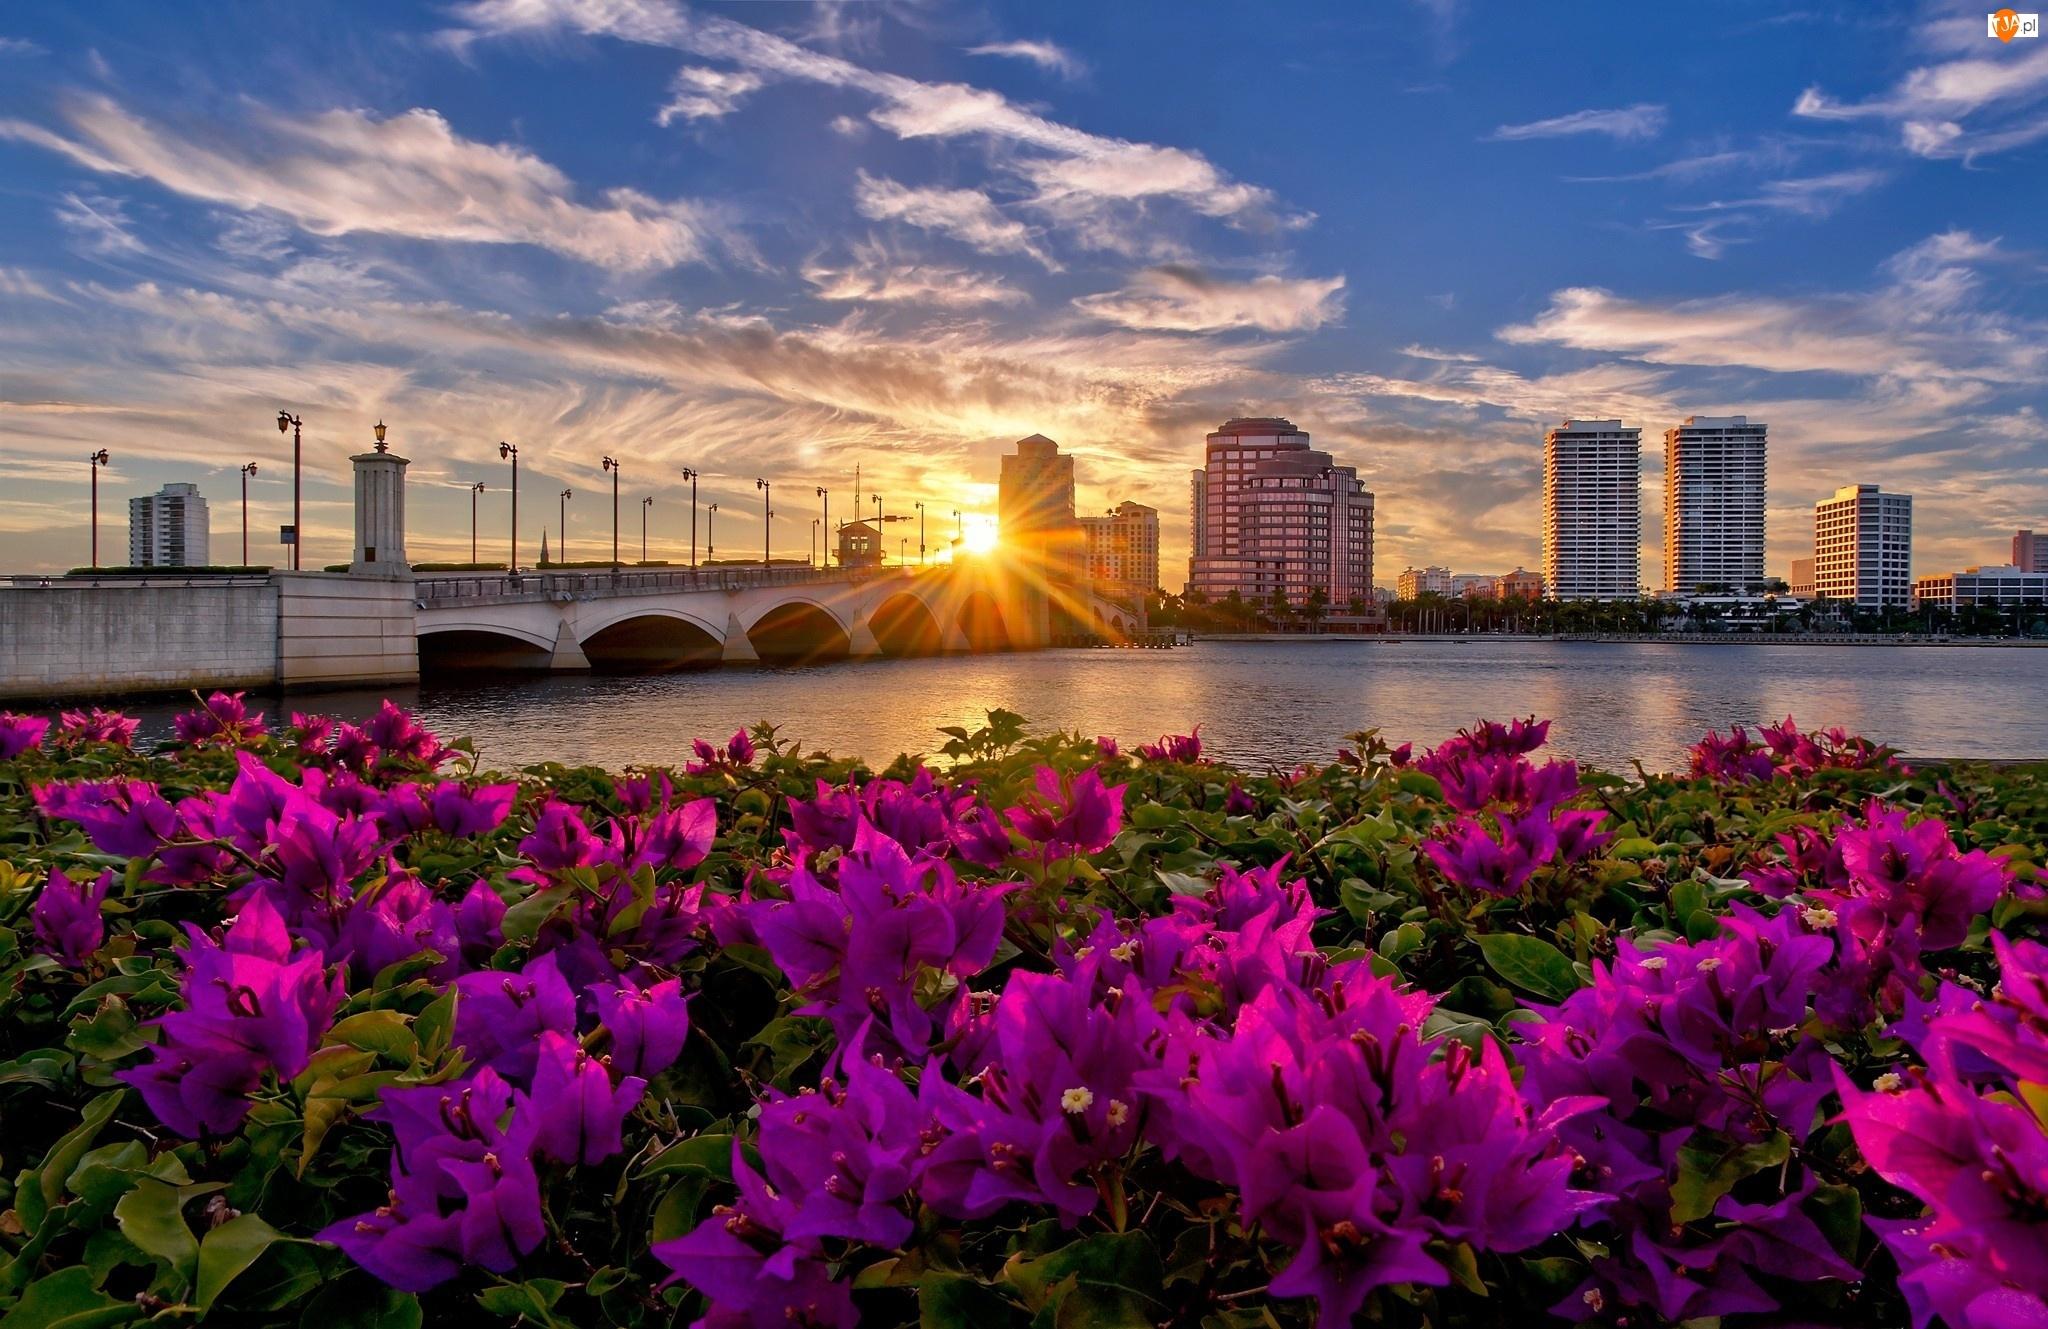 Wieżowce, Promienie, Most, Panorama, Rzeka, Miasta, Kwiaty, Słońca